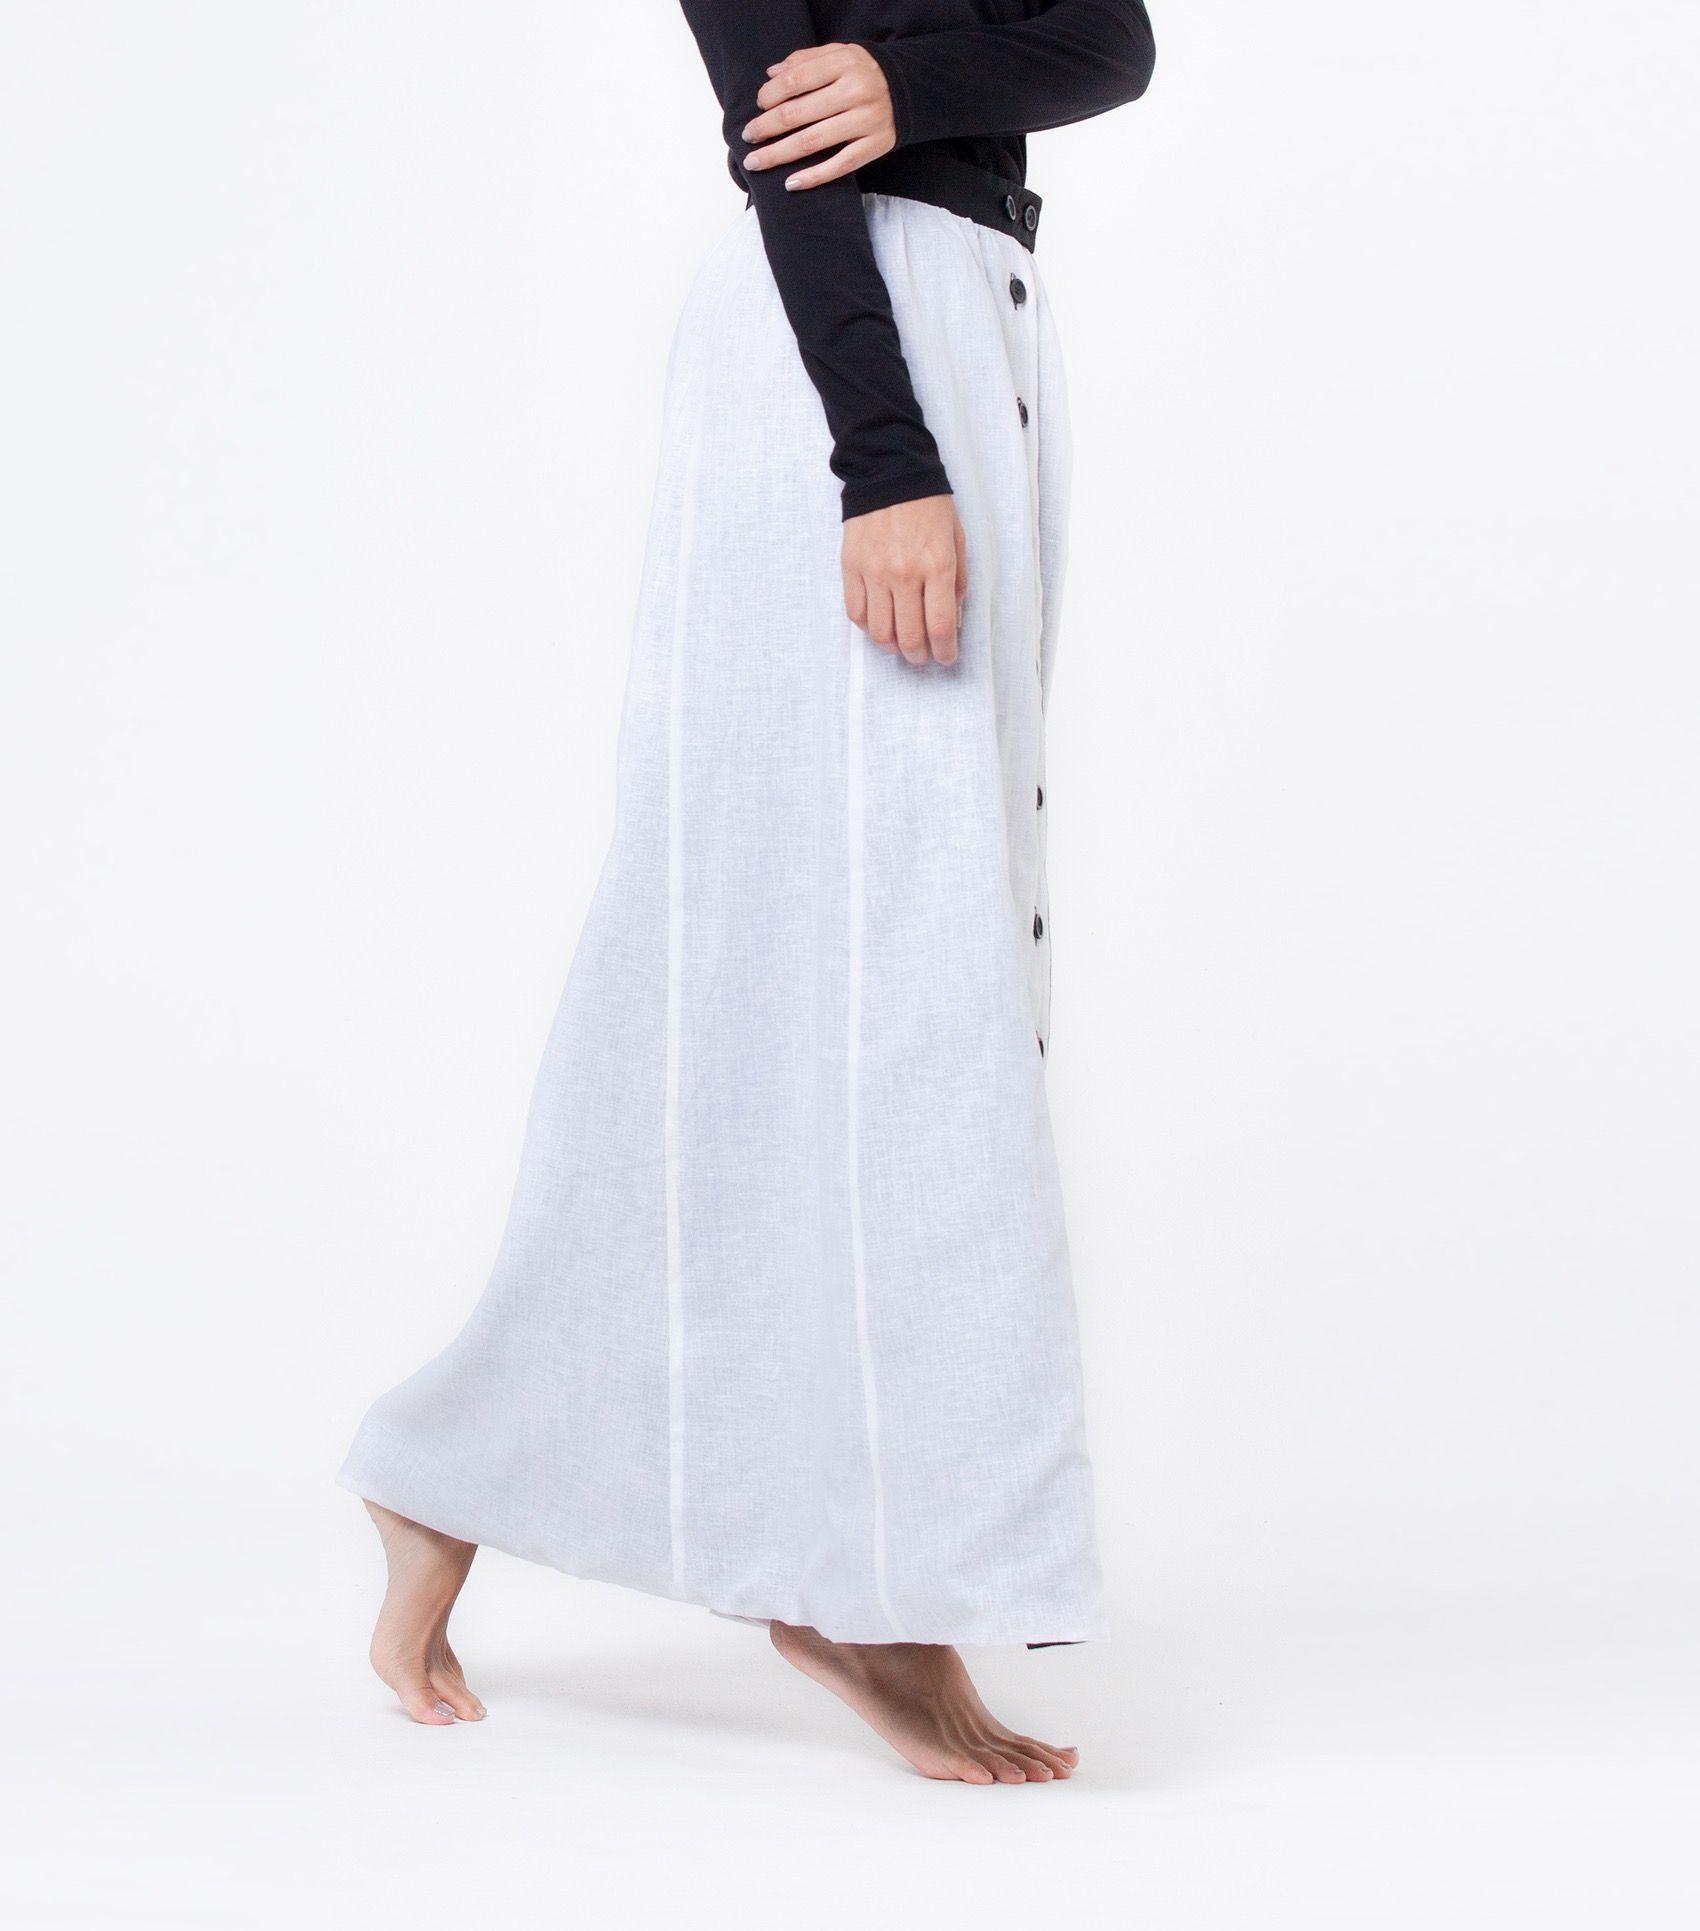 basico.com | roupas básicas feitas com materiais nobres e precisão de alfaiataria